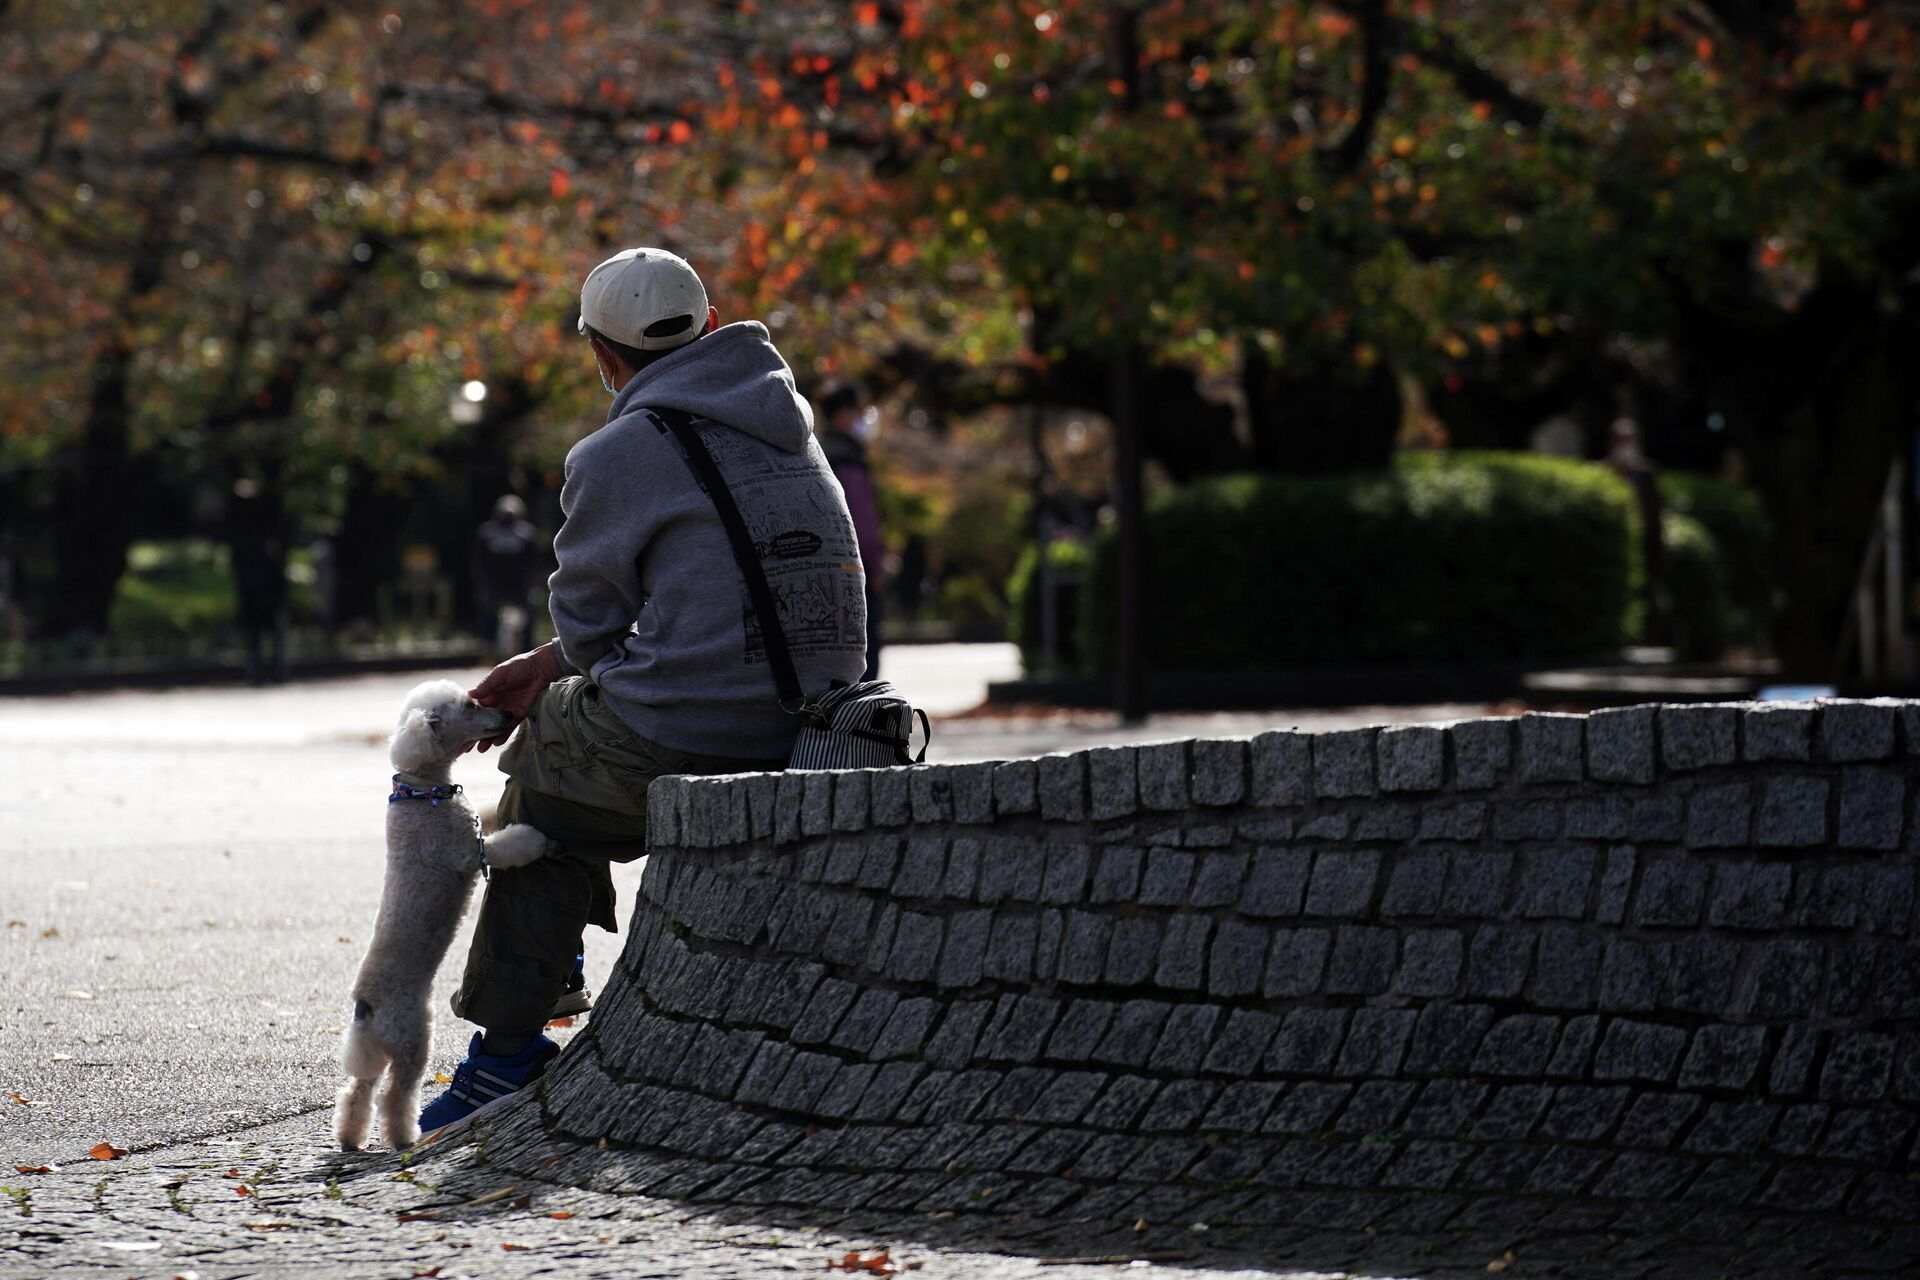 Мужчина в парке в Токио  - РИА Новости, 1920, 11.12.2020